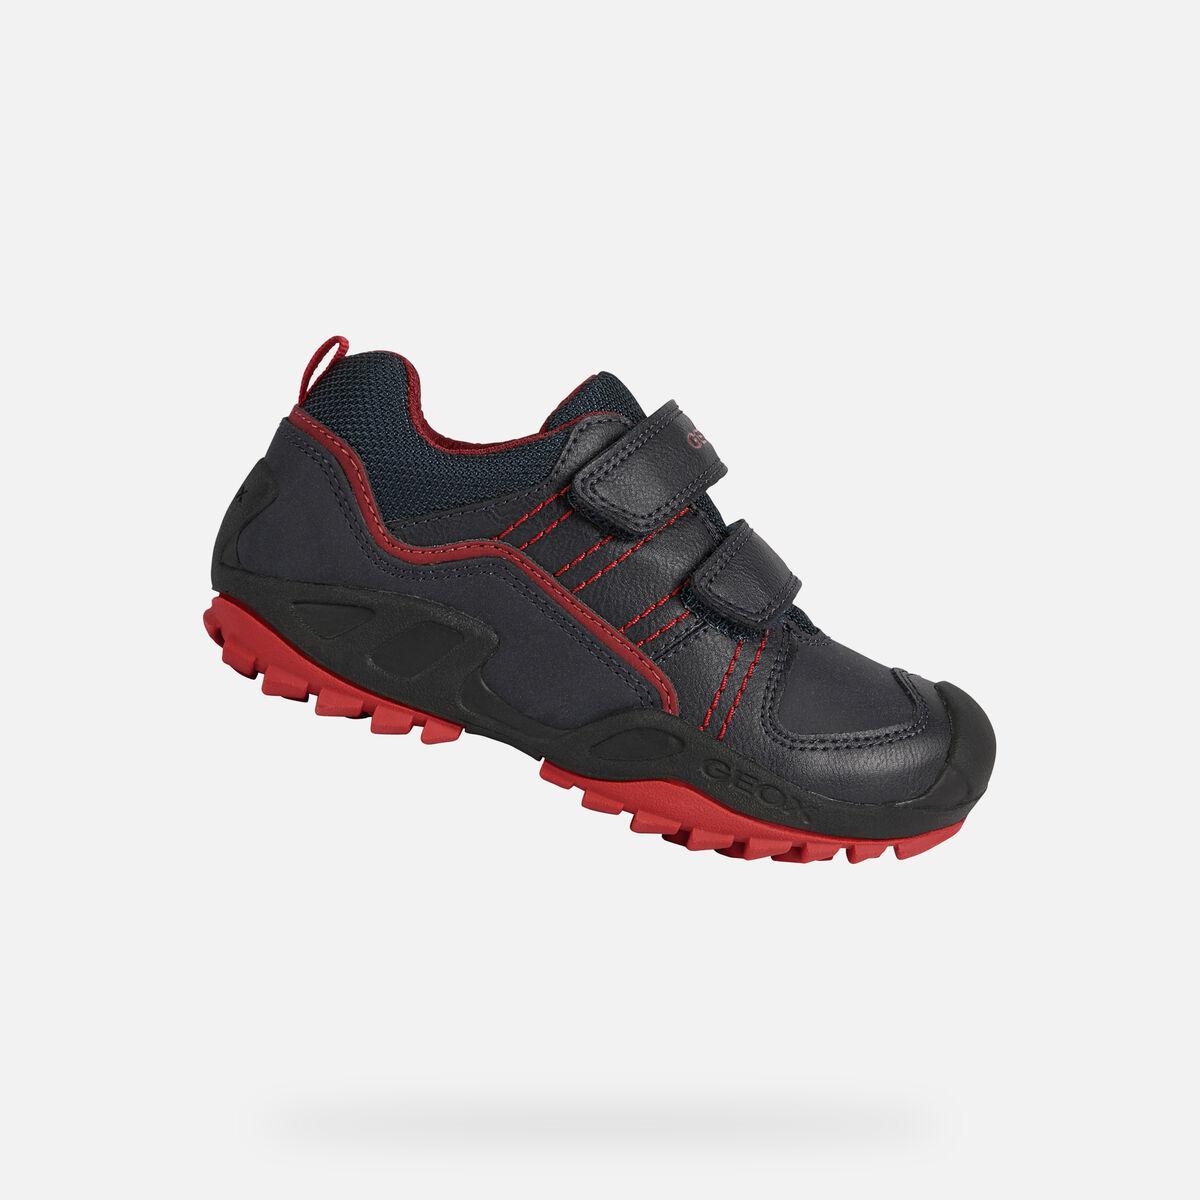 GEOX dětské tenisky NEW SAVAGE BOY černé - červené - J041VA